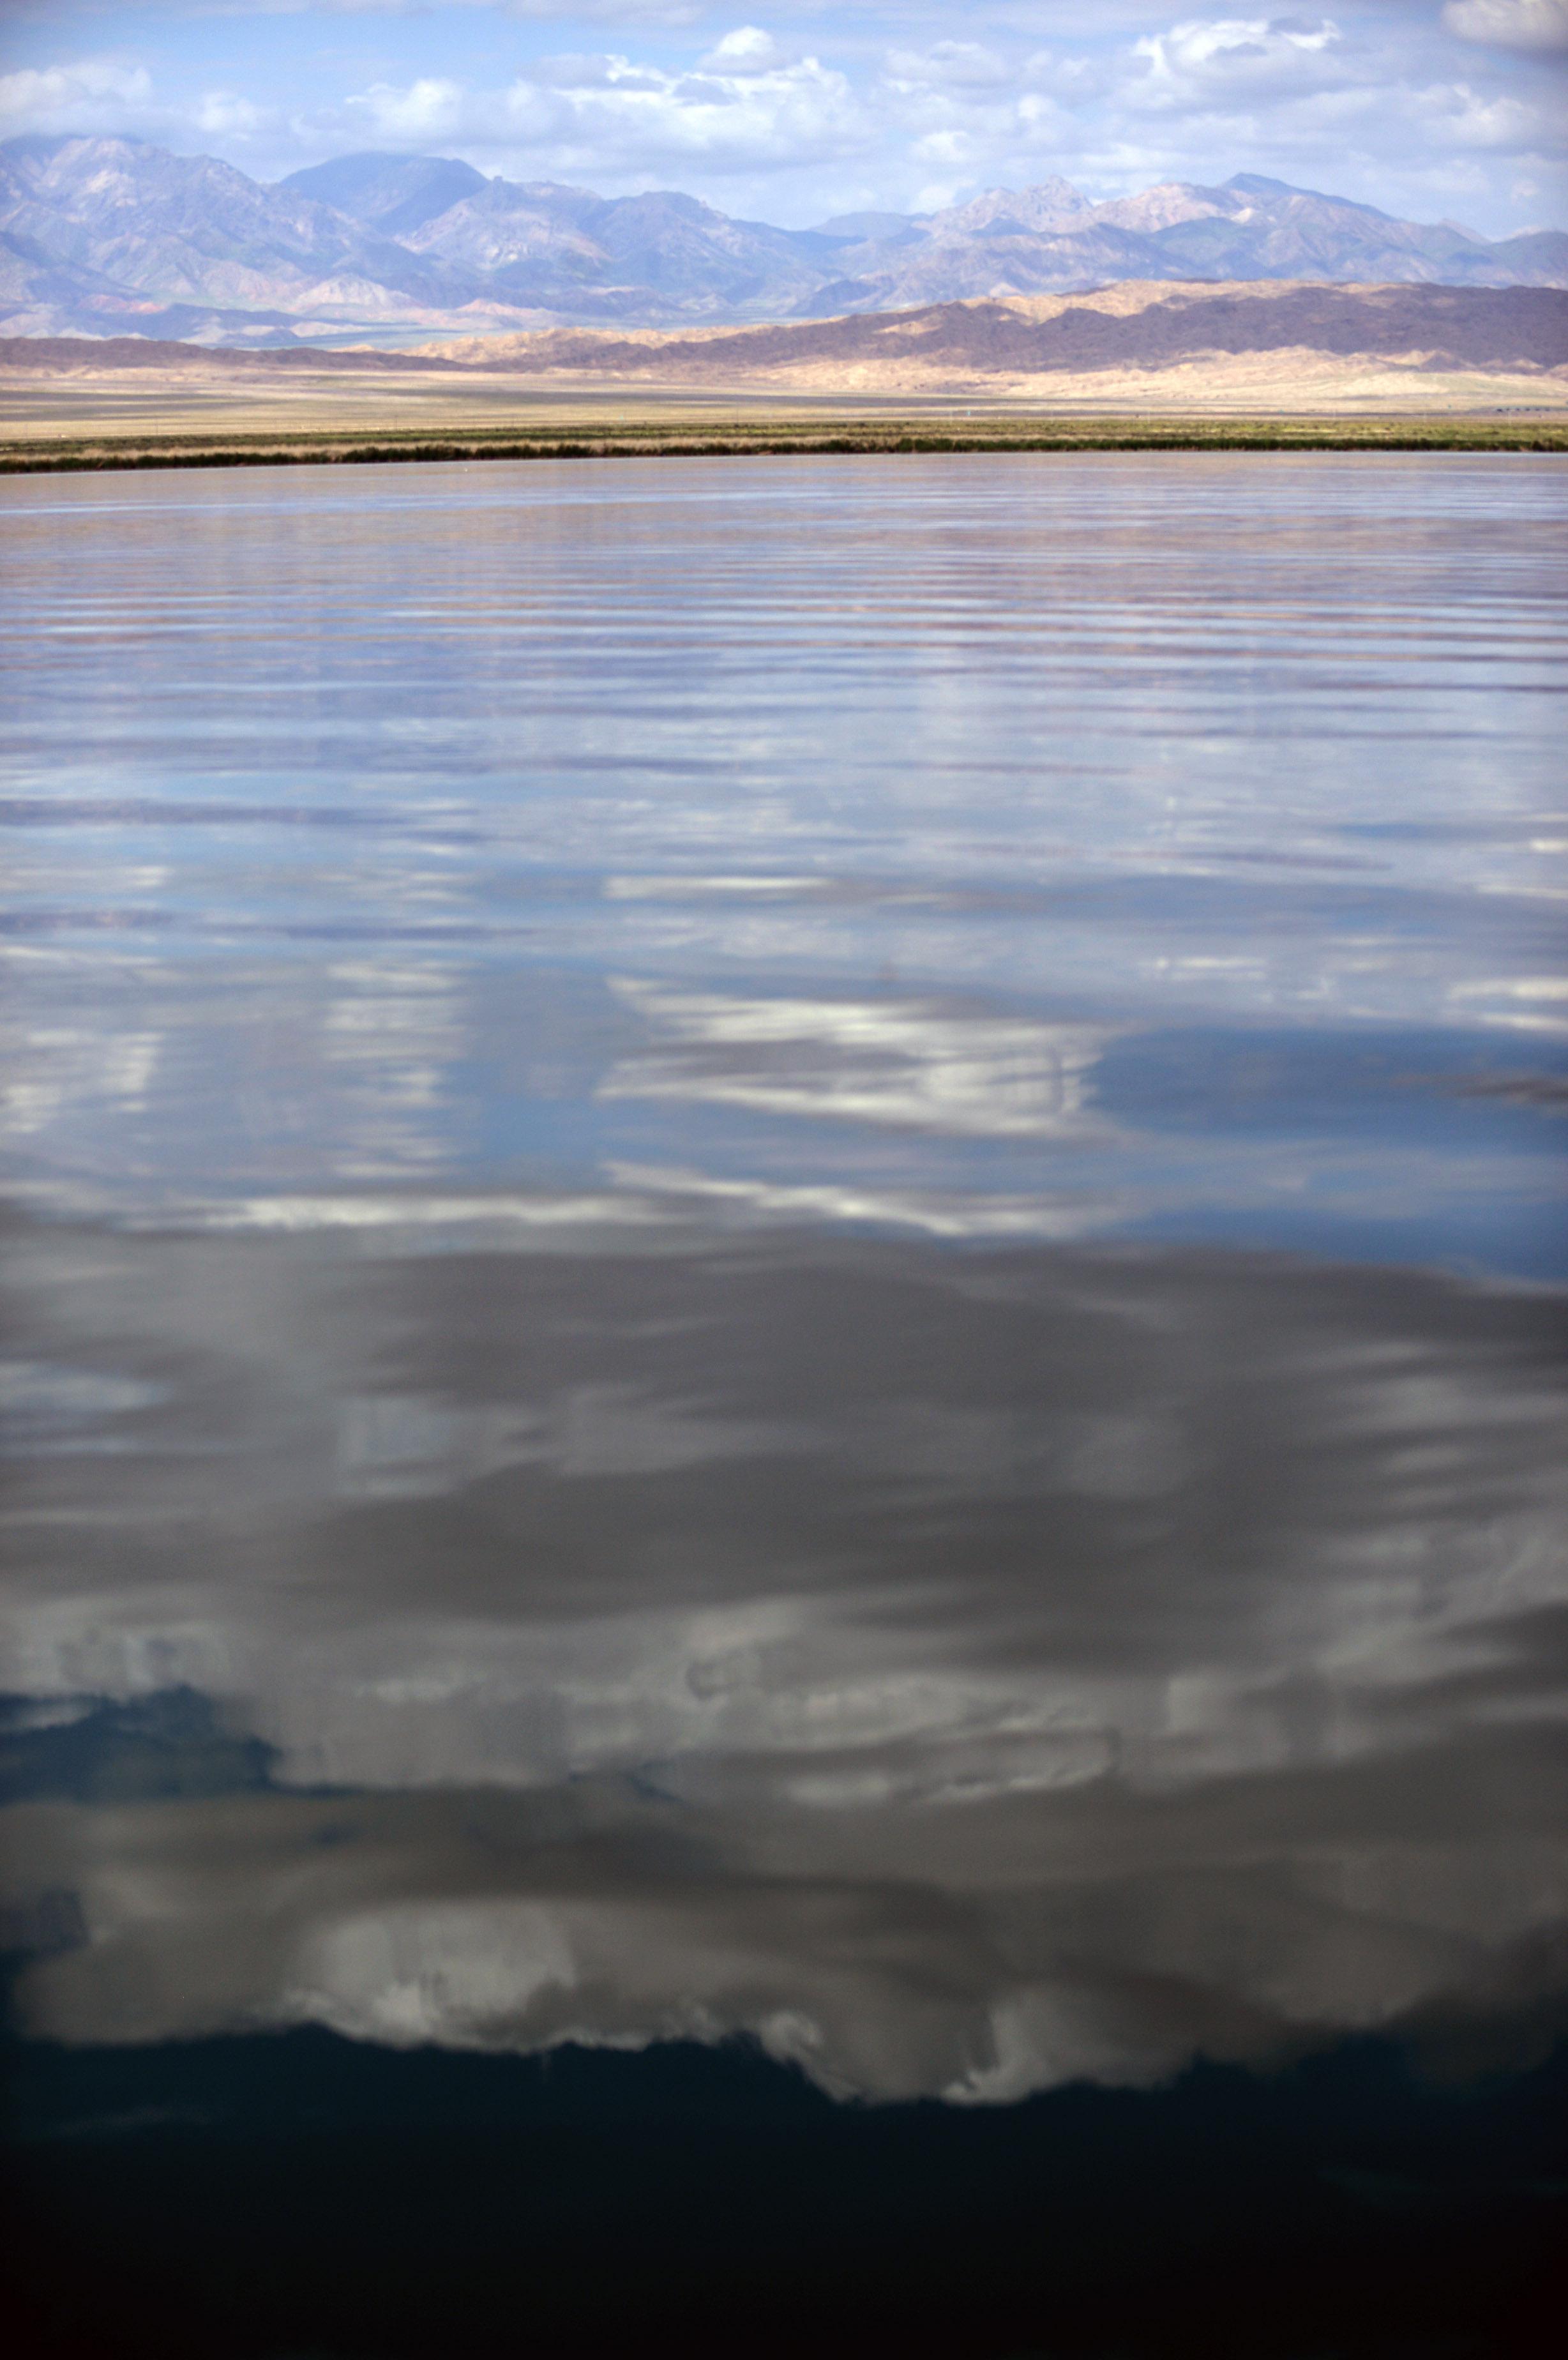 在青海省海西蒙古族藏族自治州的戈壁深处,水草肥美的马兰滩为牧民